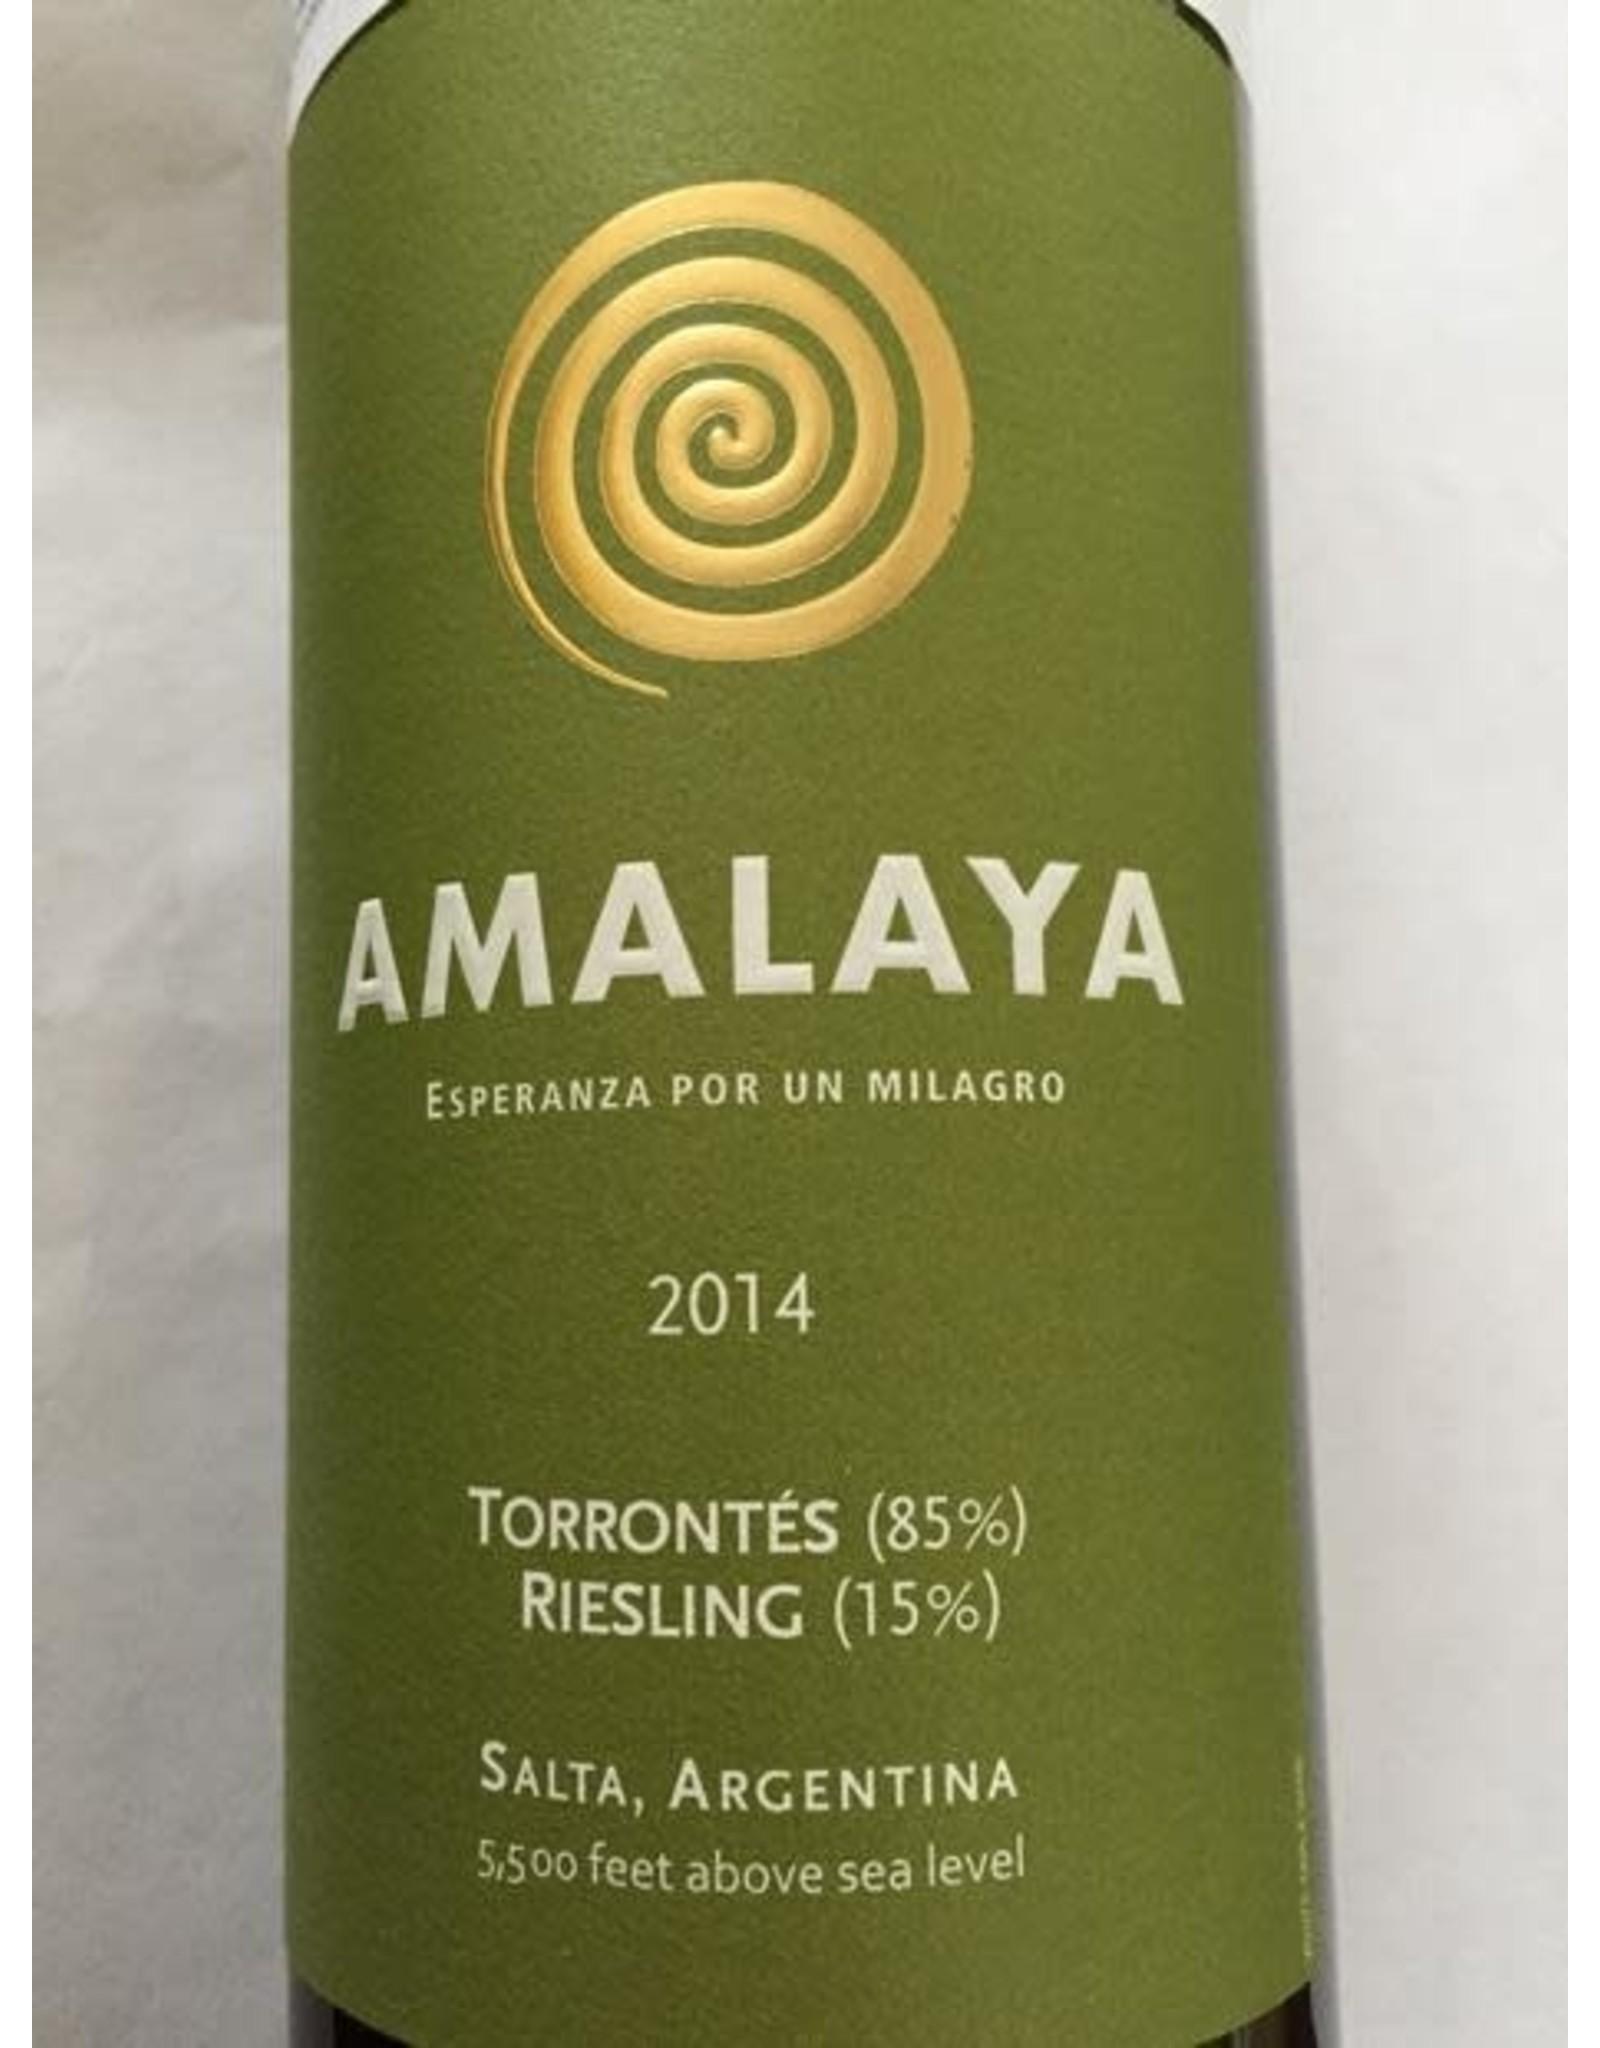 Amalaya Torrontes 2014